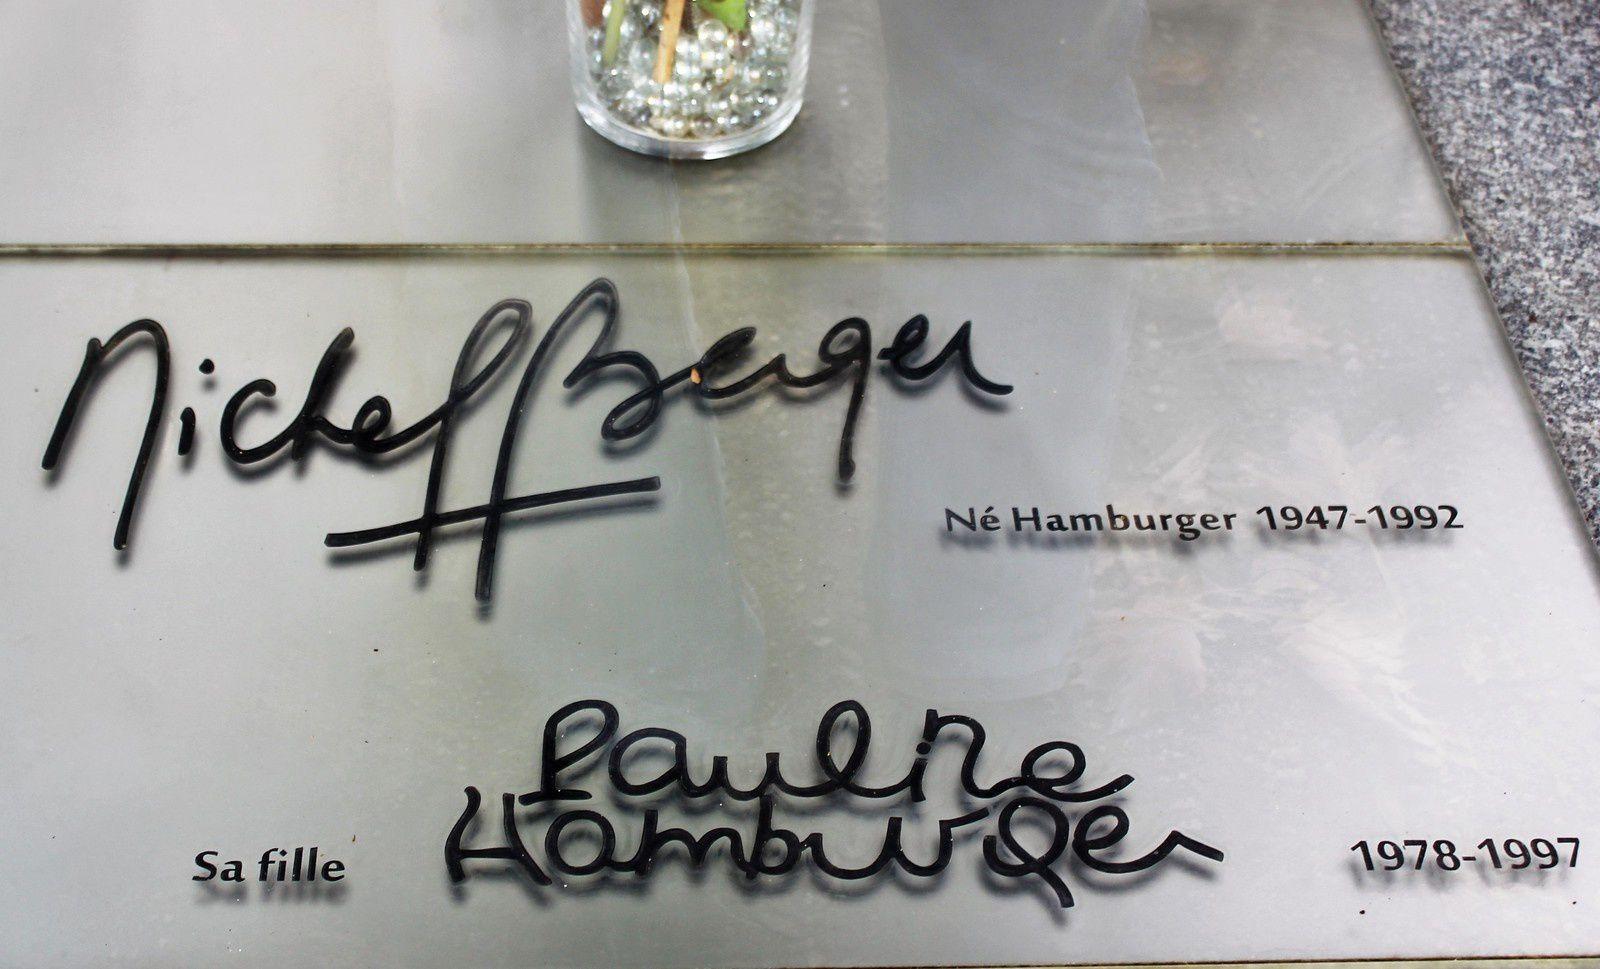 2015. La plaque de verre avec la signature de Michel Berger et de sa fille a été posée sur le marbre gris et triste.